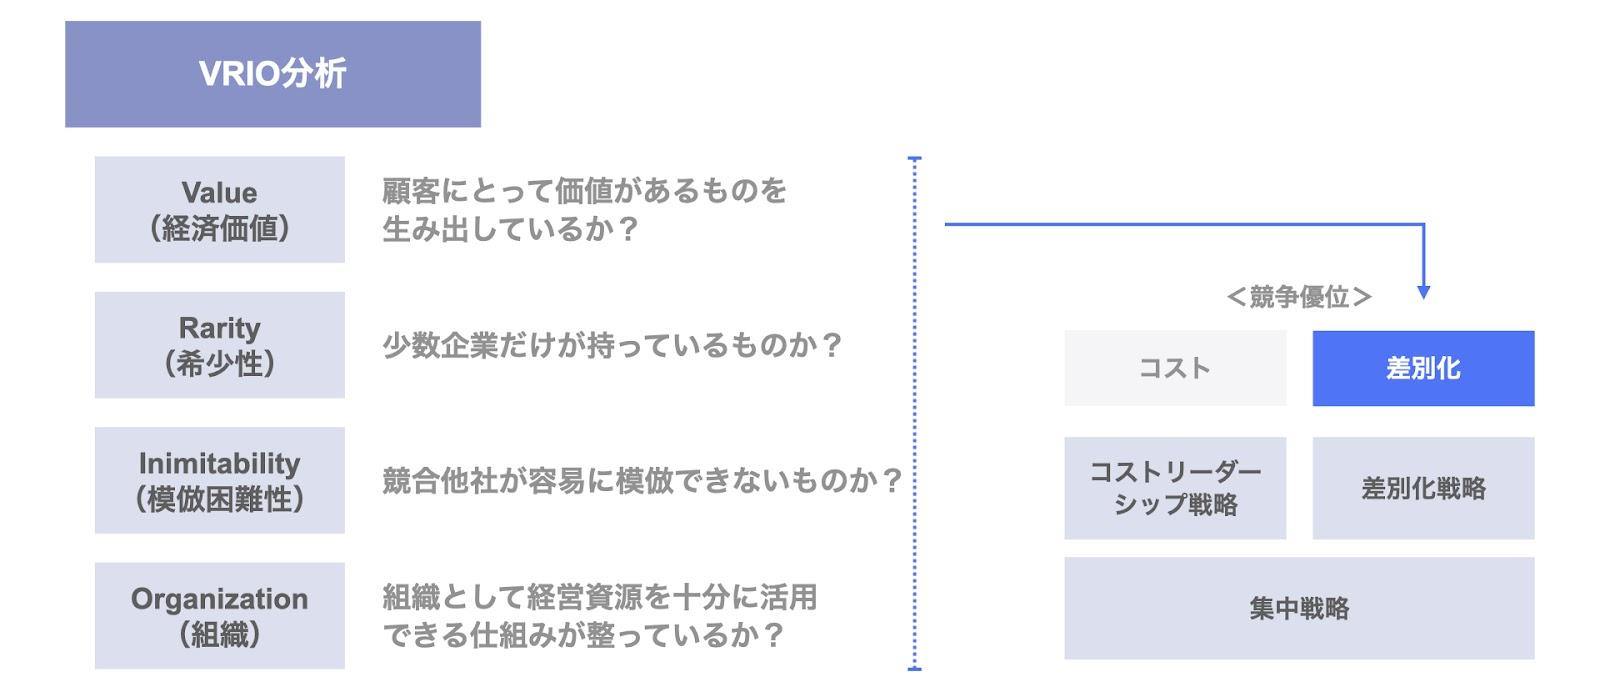 ポーターの3つの基本戦略:差別化戦略とVRIO分析